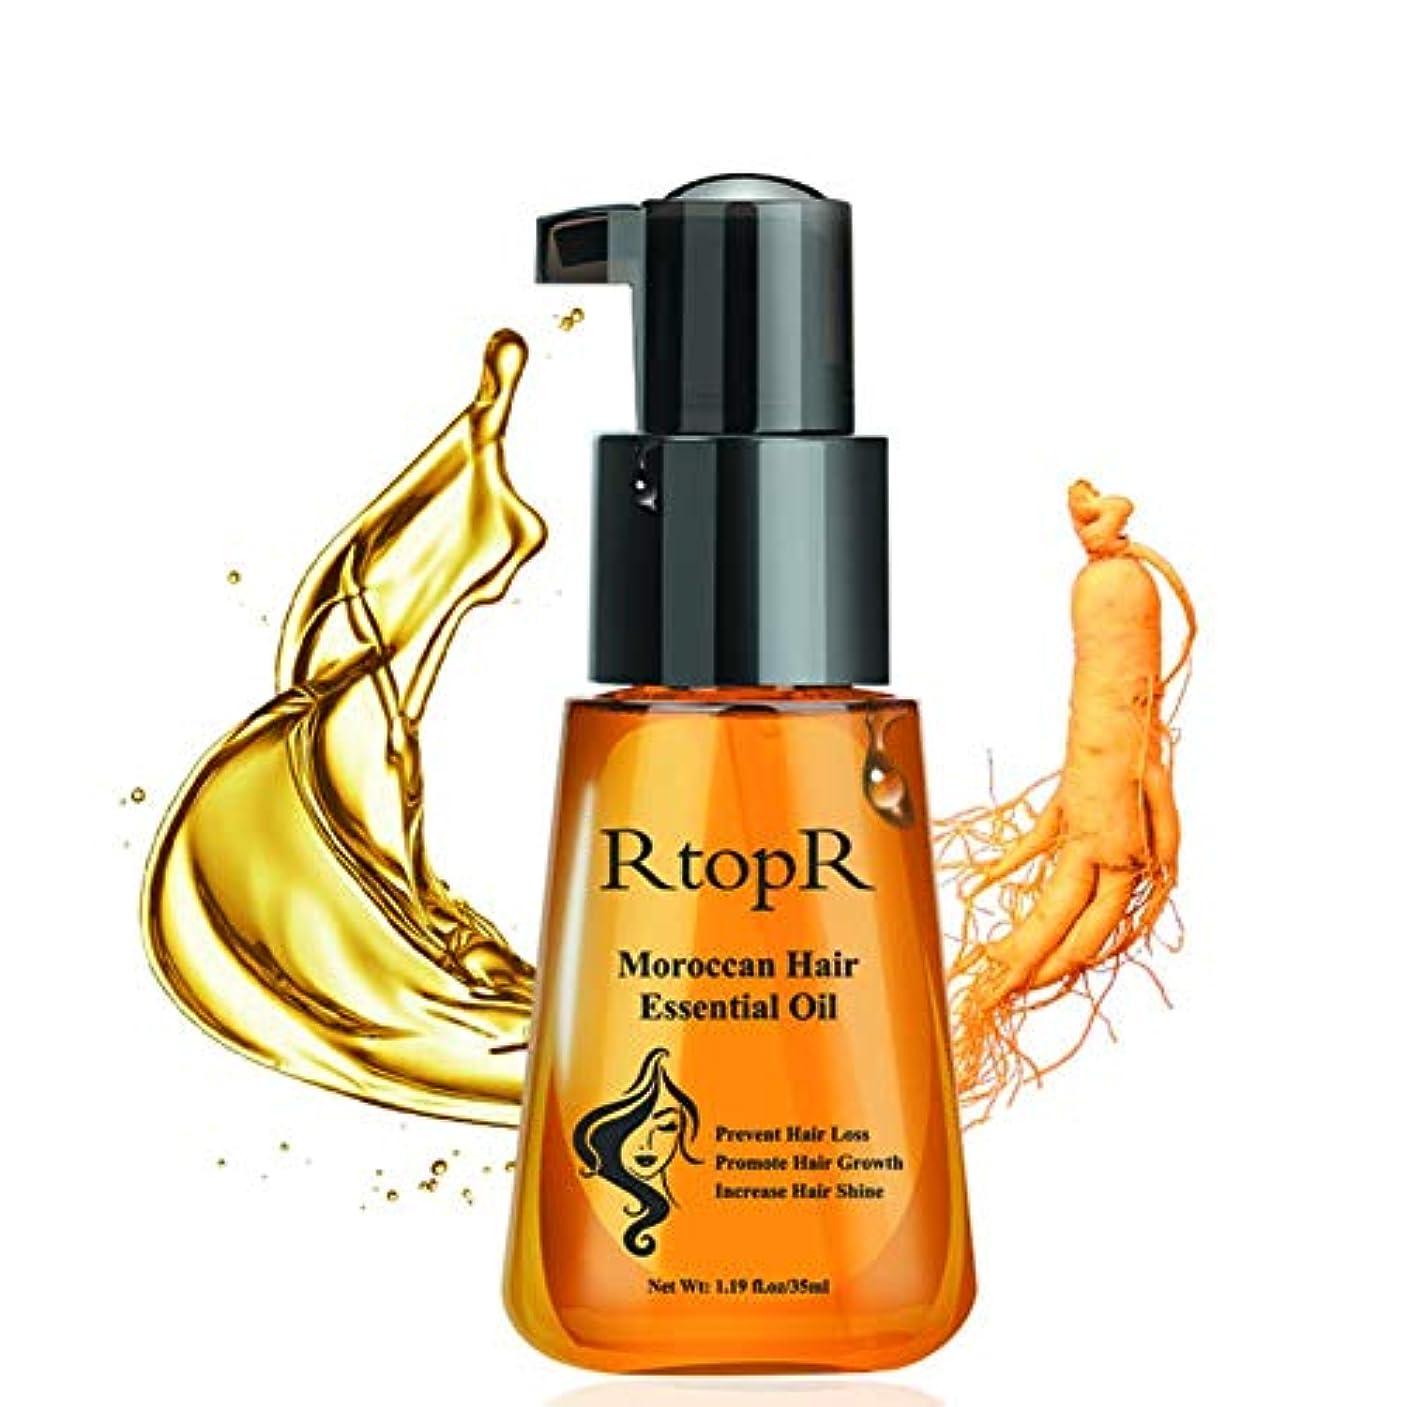 結晶メッセンジャーはぁSILUN モロッコアルガン ヘアケア ヘアオイル エッセンスオイル 栄養補給 天然オイル ヘアケア修復保護 乾燥毛髪 損傷毛髪 保湿